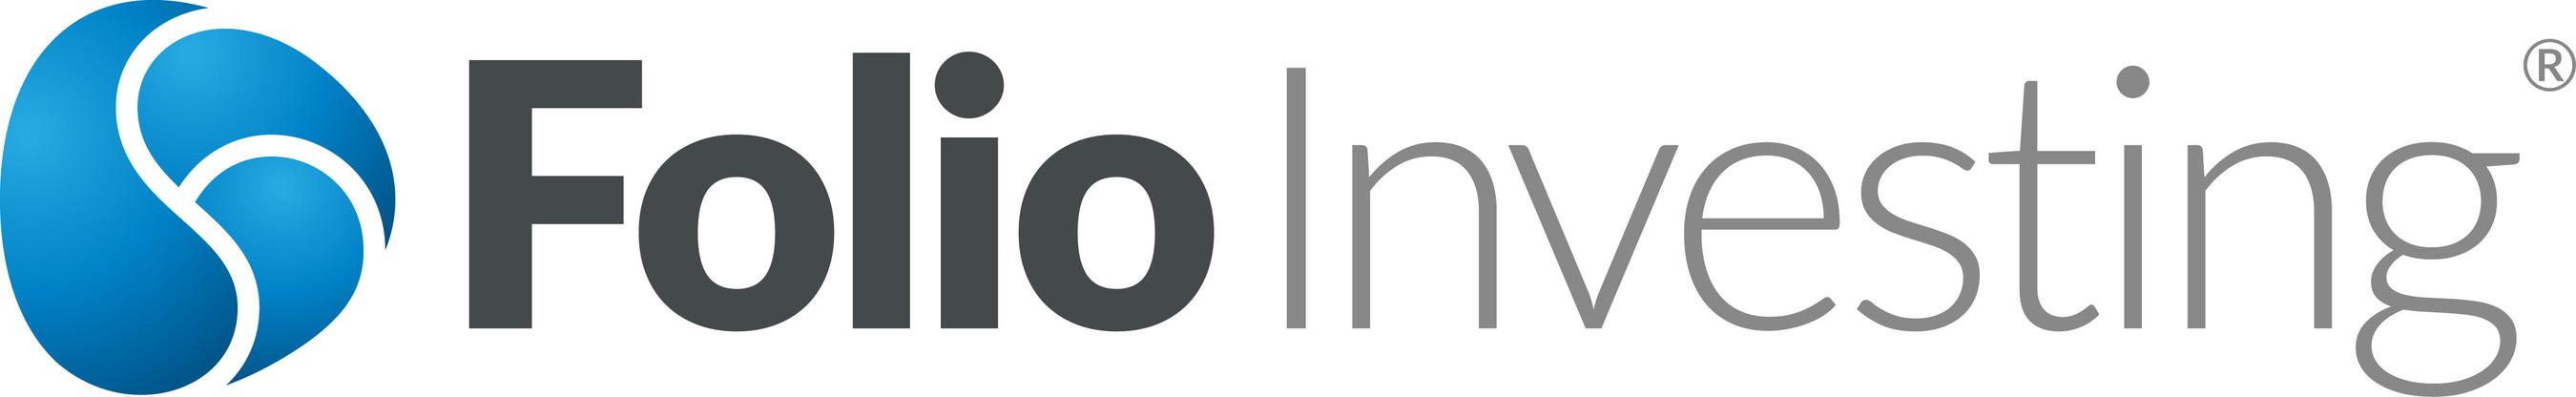 Folio Investing Logo